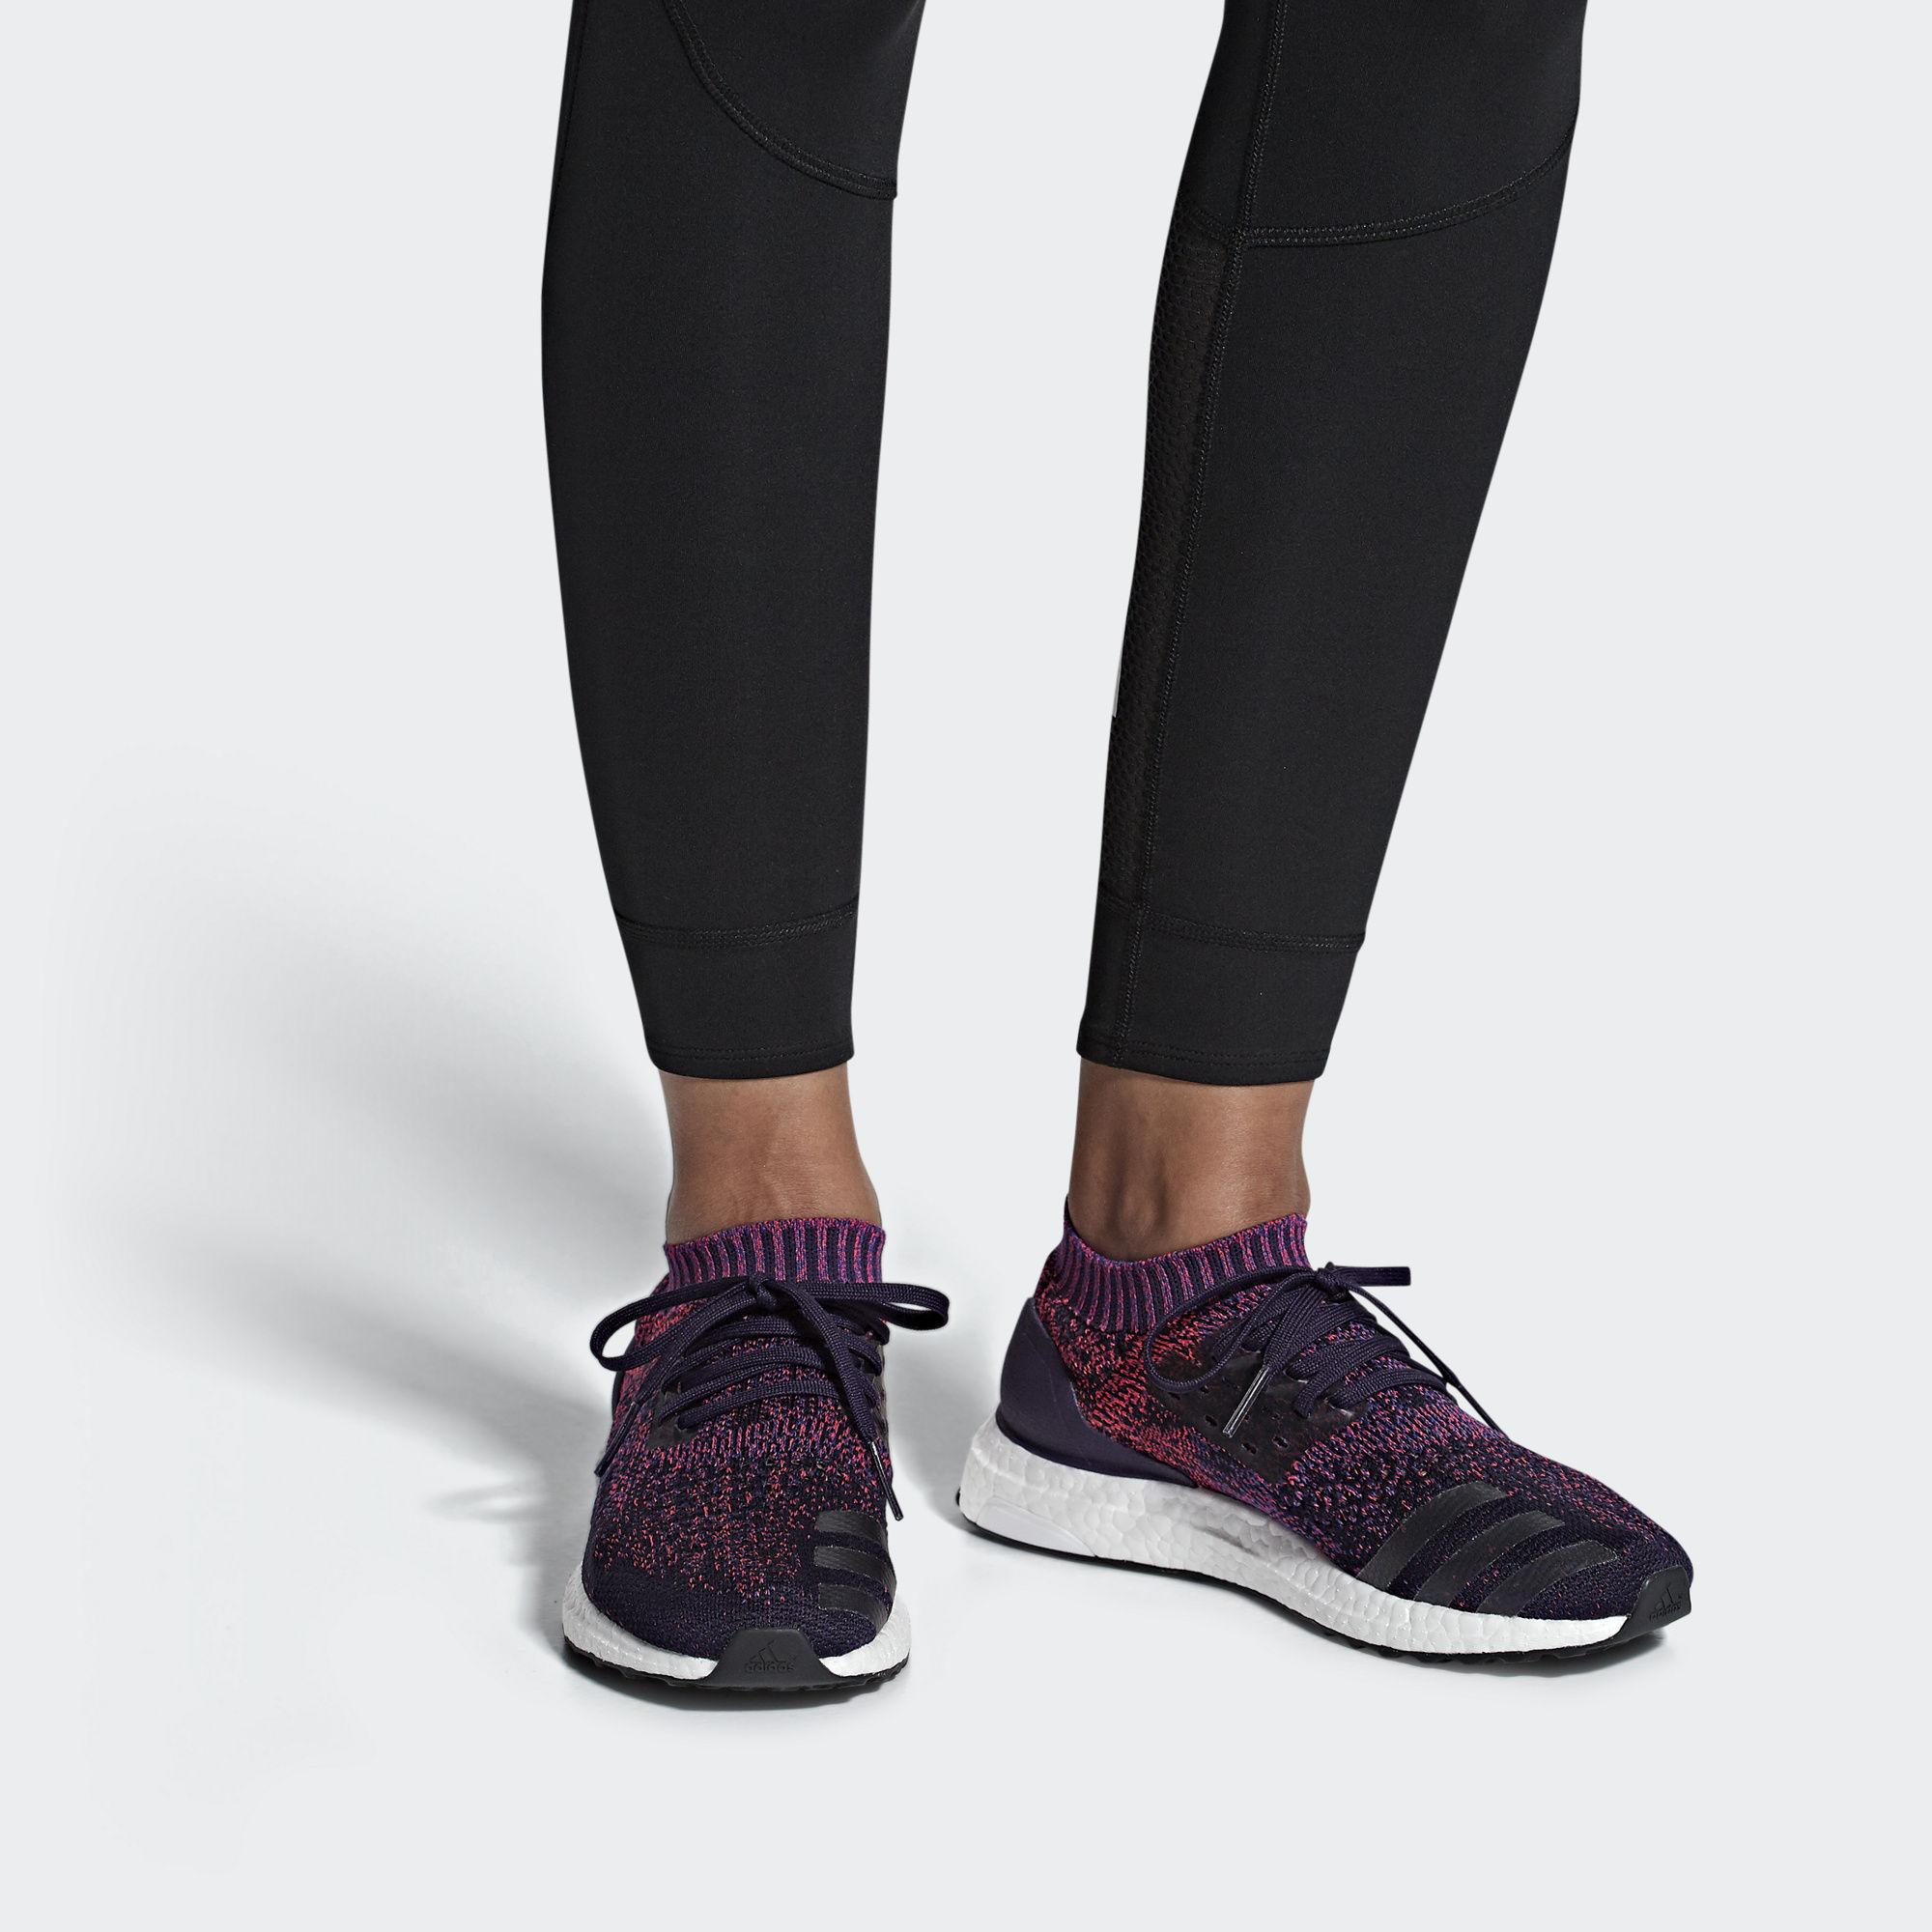 Adidas Laufschuhe Damen Legend lila  lila  Legend lila    Shock rot im Online Shop von SportScheck kaufen Gute Qualität beliebte Schuhe 301972